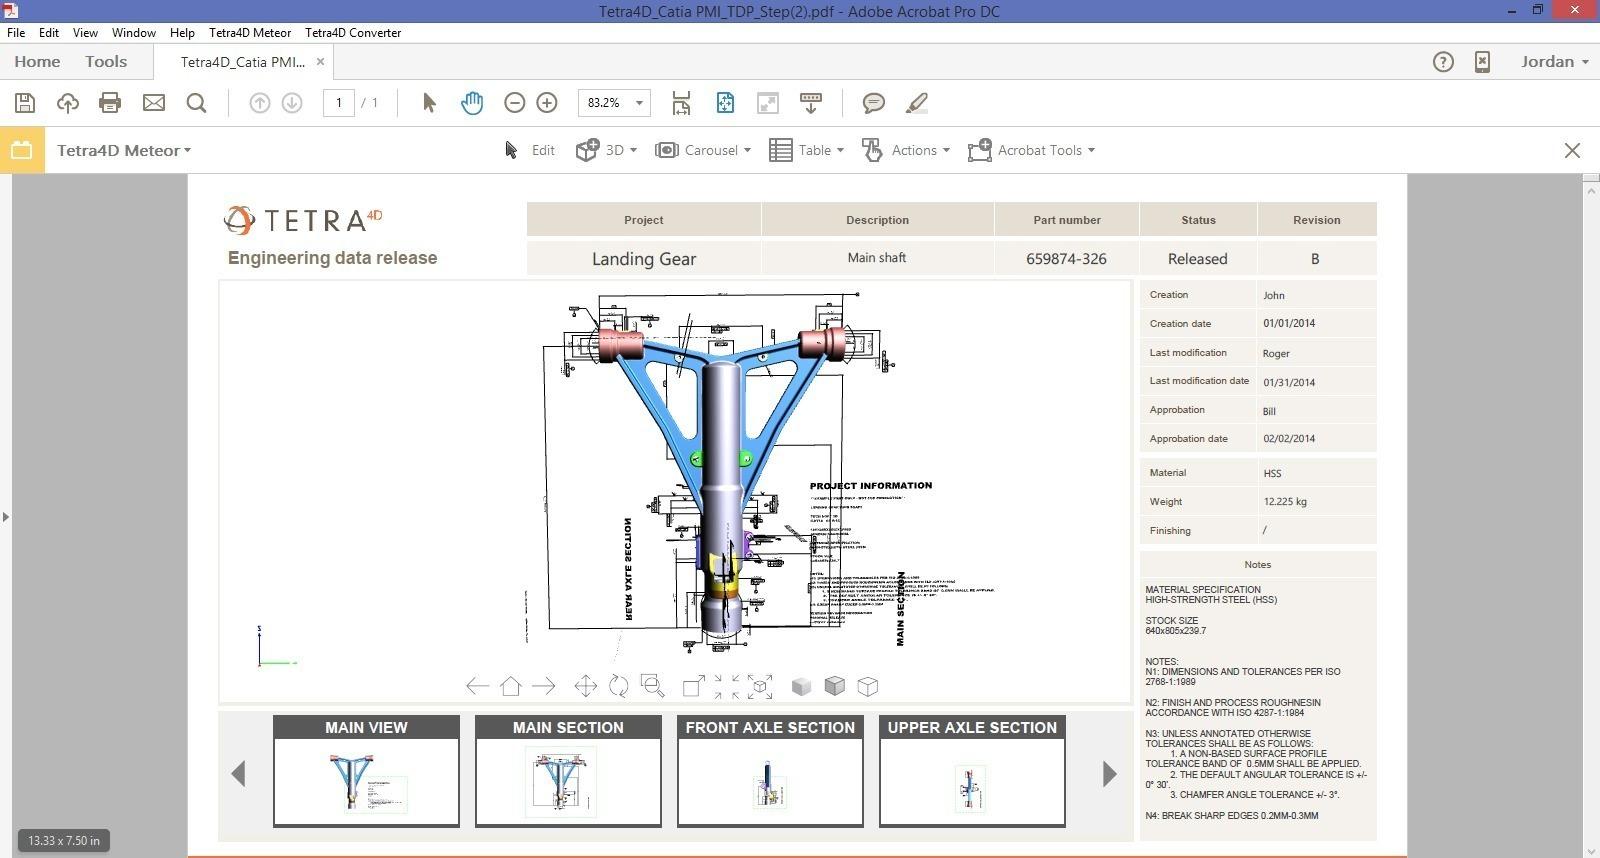 tetra4d-enrich-3d-pdf-02